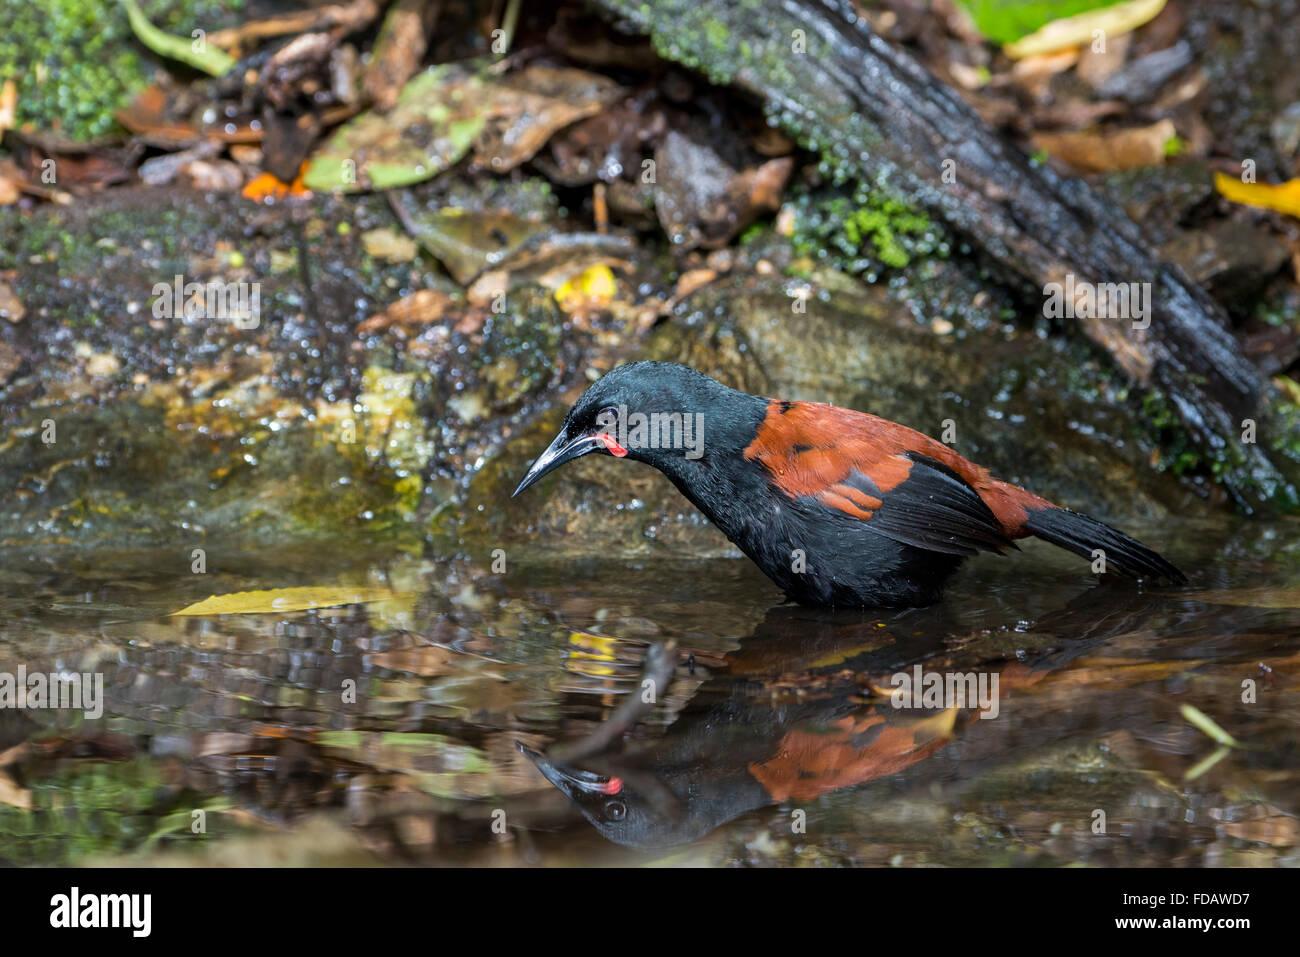 La NOUVELLE ZELANDE, Marlborough Sounds, Motuara Island aka Motu Ara. Sans prédateurs des oiseaux de l'île. Hommes Sud Island saddleback. Banque D'Images